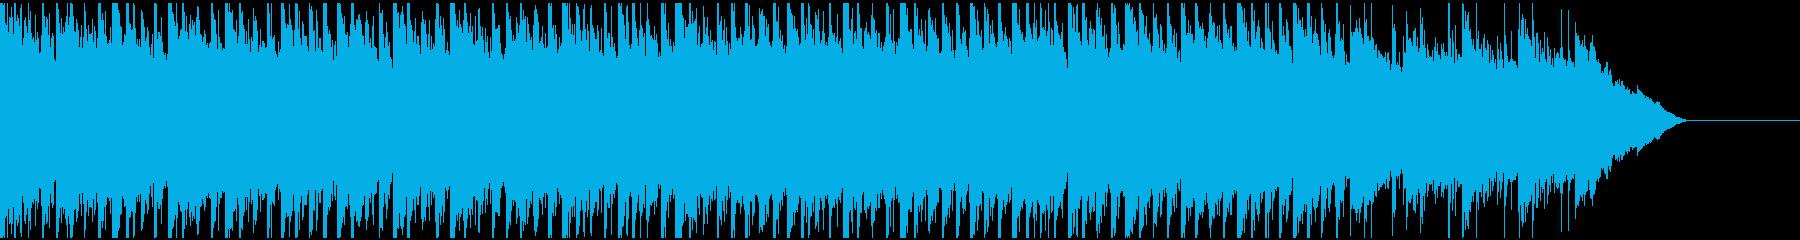 60秒企業VP40,コーポレート,明るいの再生済みの波形